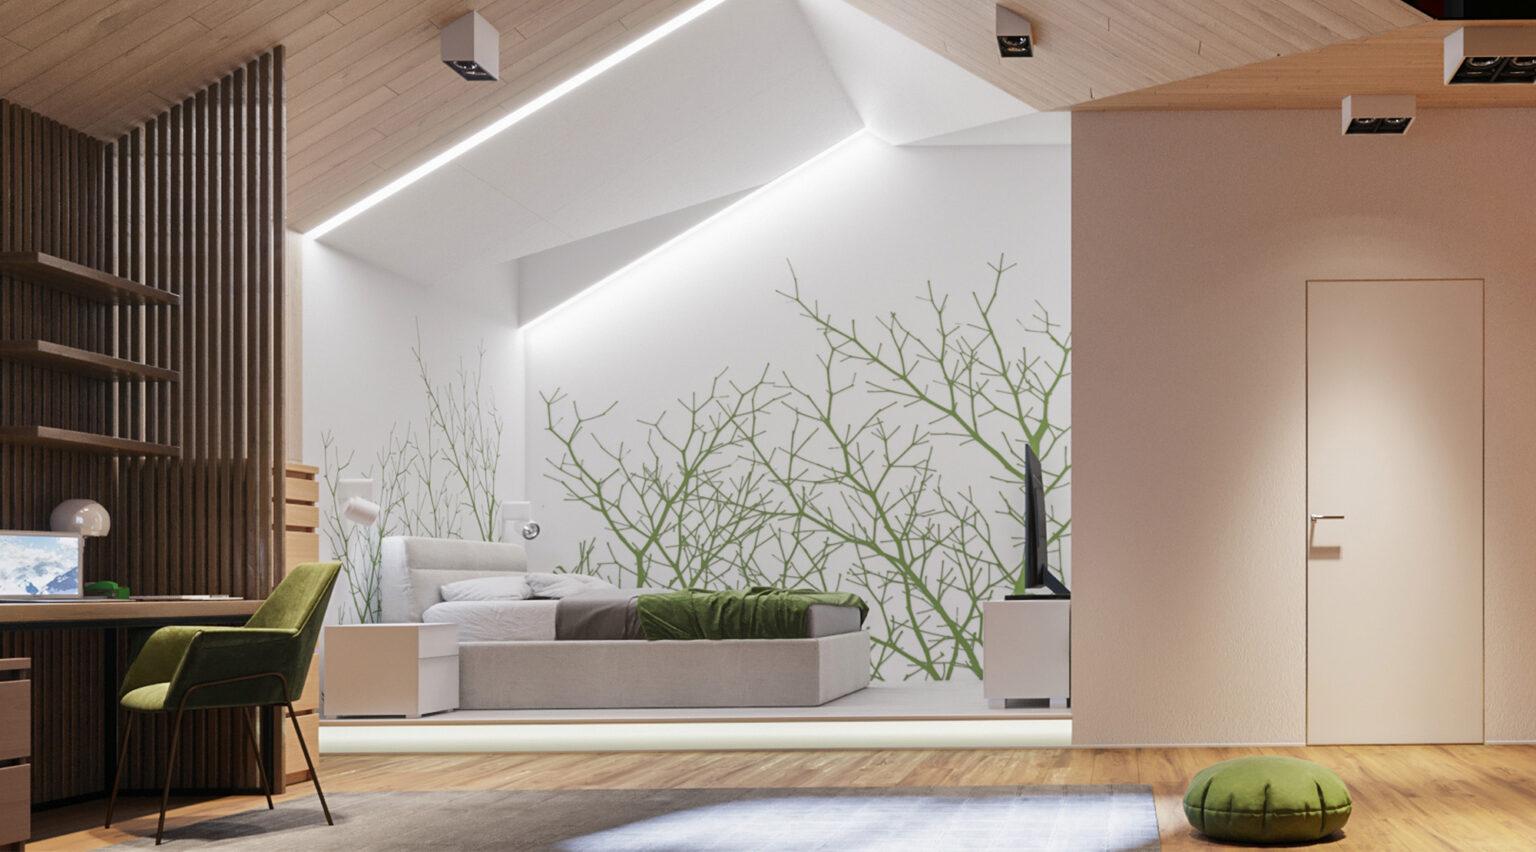 Энергоэффективный дом, автономный дом, пассивный дом, архитектура проект, дизайн проект интерьера